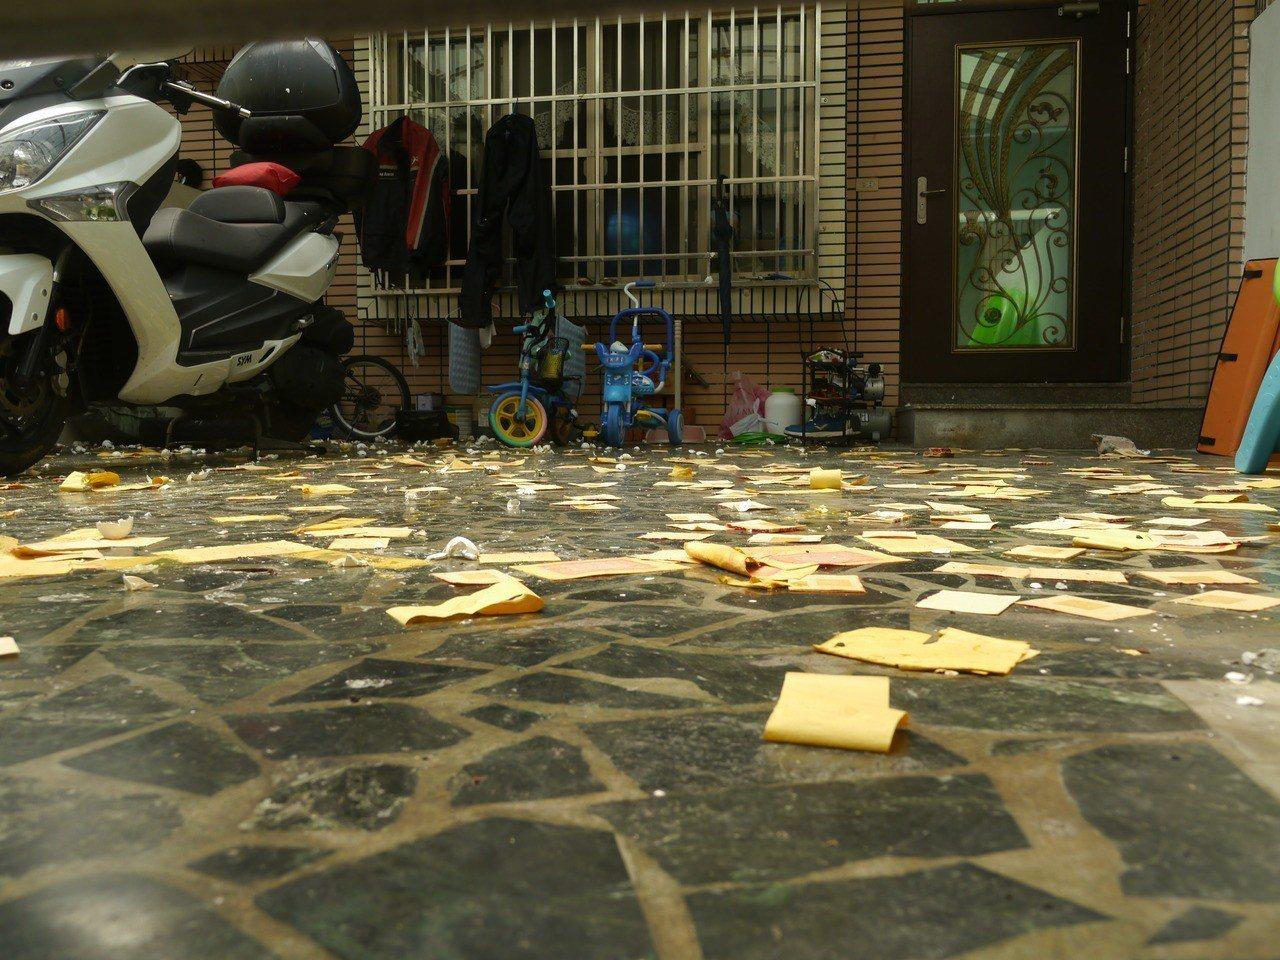 地面遺留許多冥紙,前庭還有小孩腳踏車。記者徐白櫻/攝影